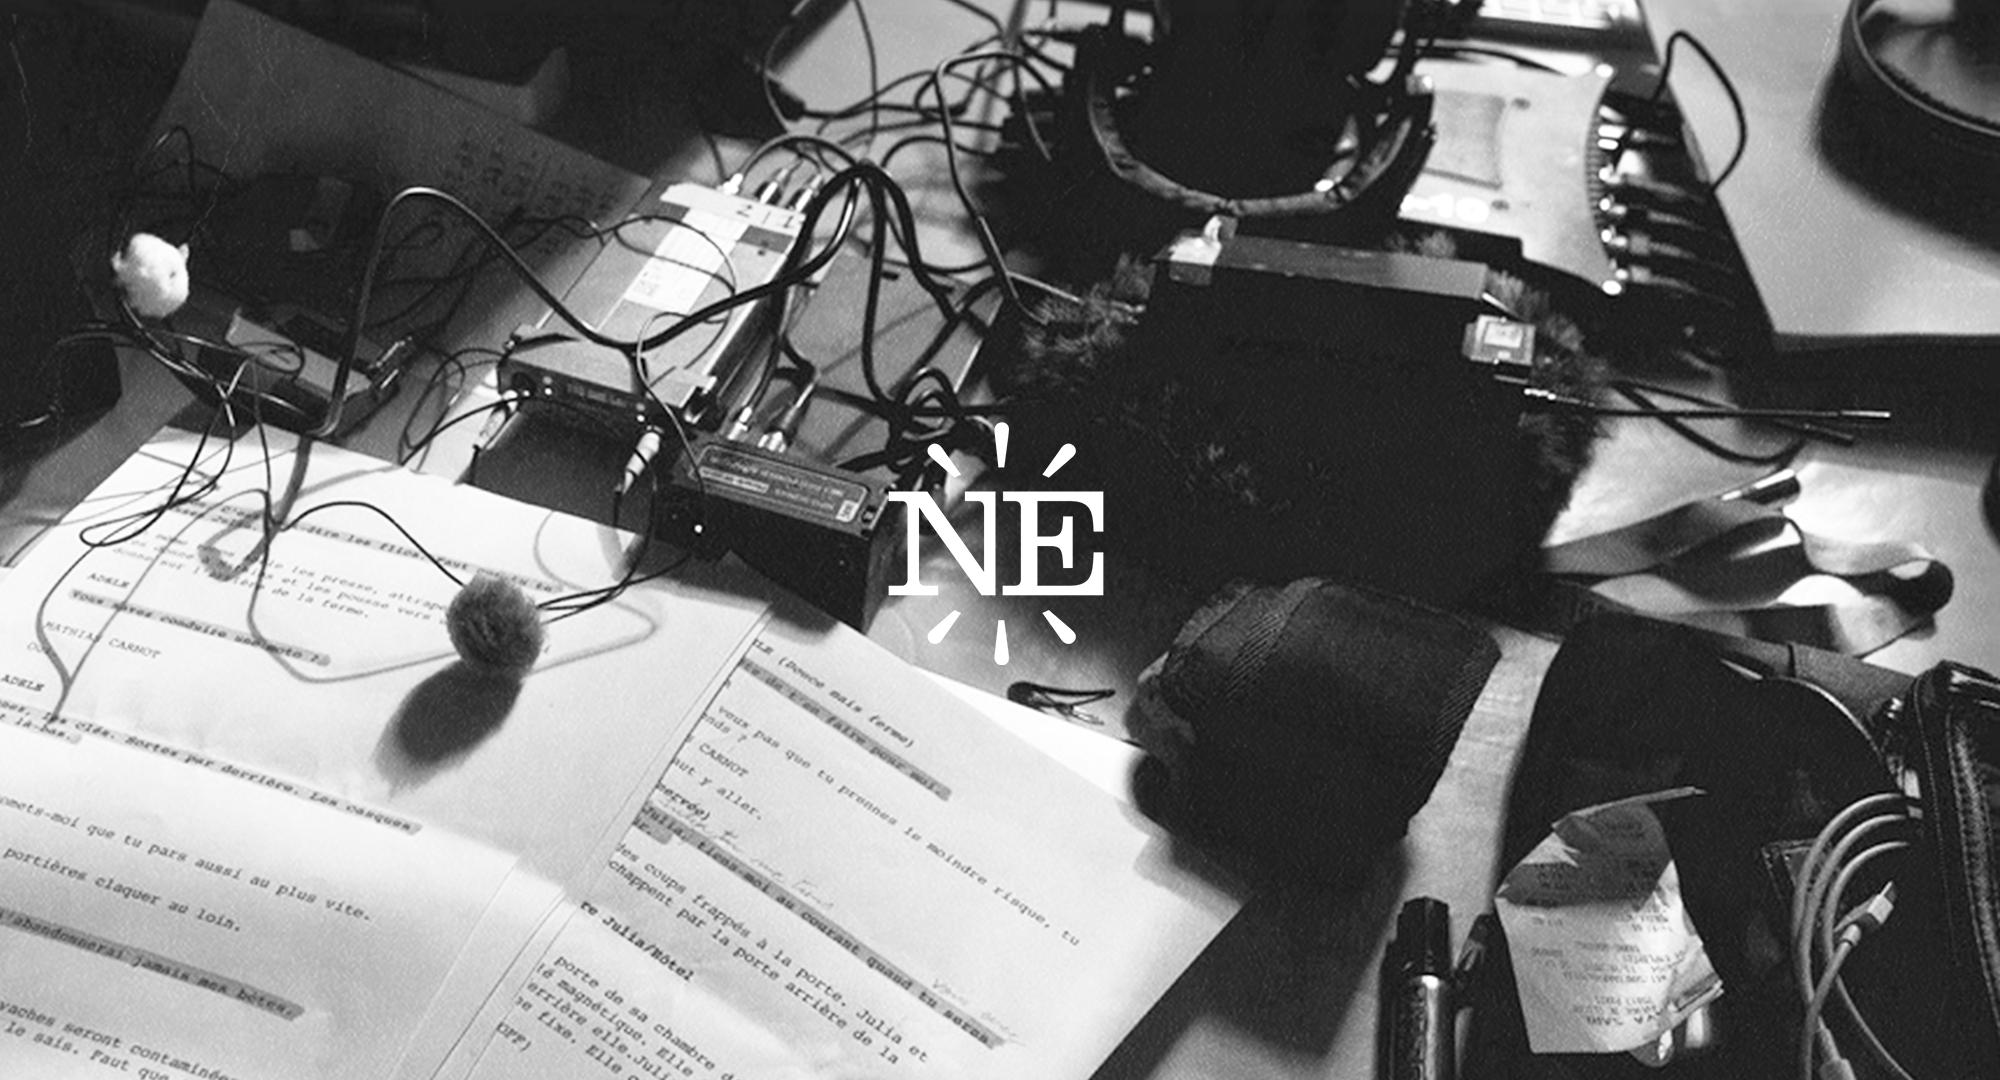 Nouvelles-Ecoutes-Diapo-01-04